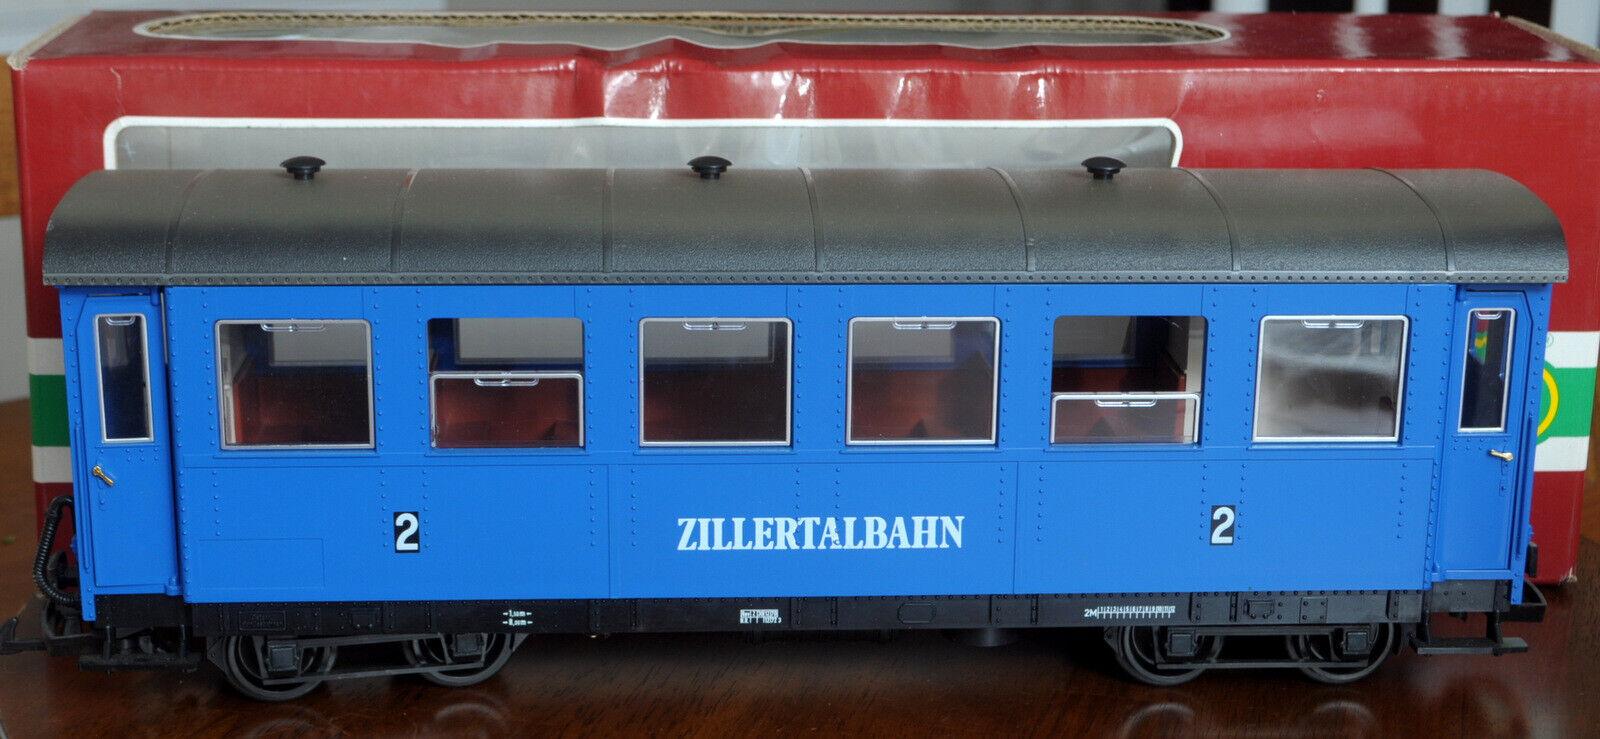 G GaugeLGB 3163 Zillertalbahn Passenger auto 2nd classe Western Geruomoy